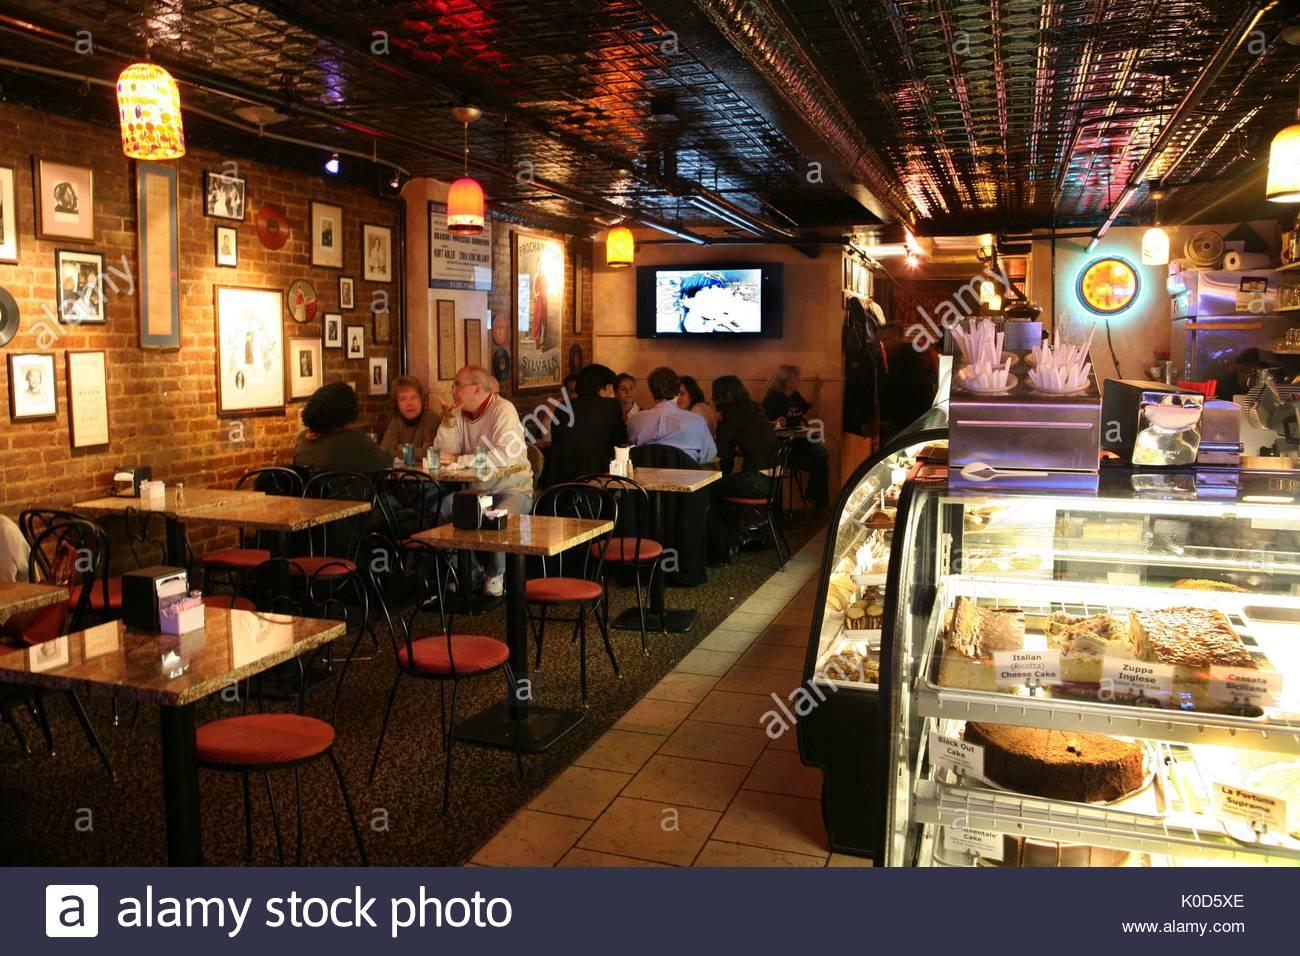 Cafe La Fortuna New York City